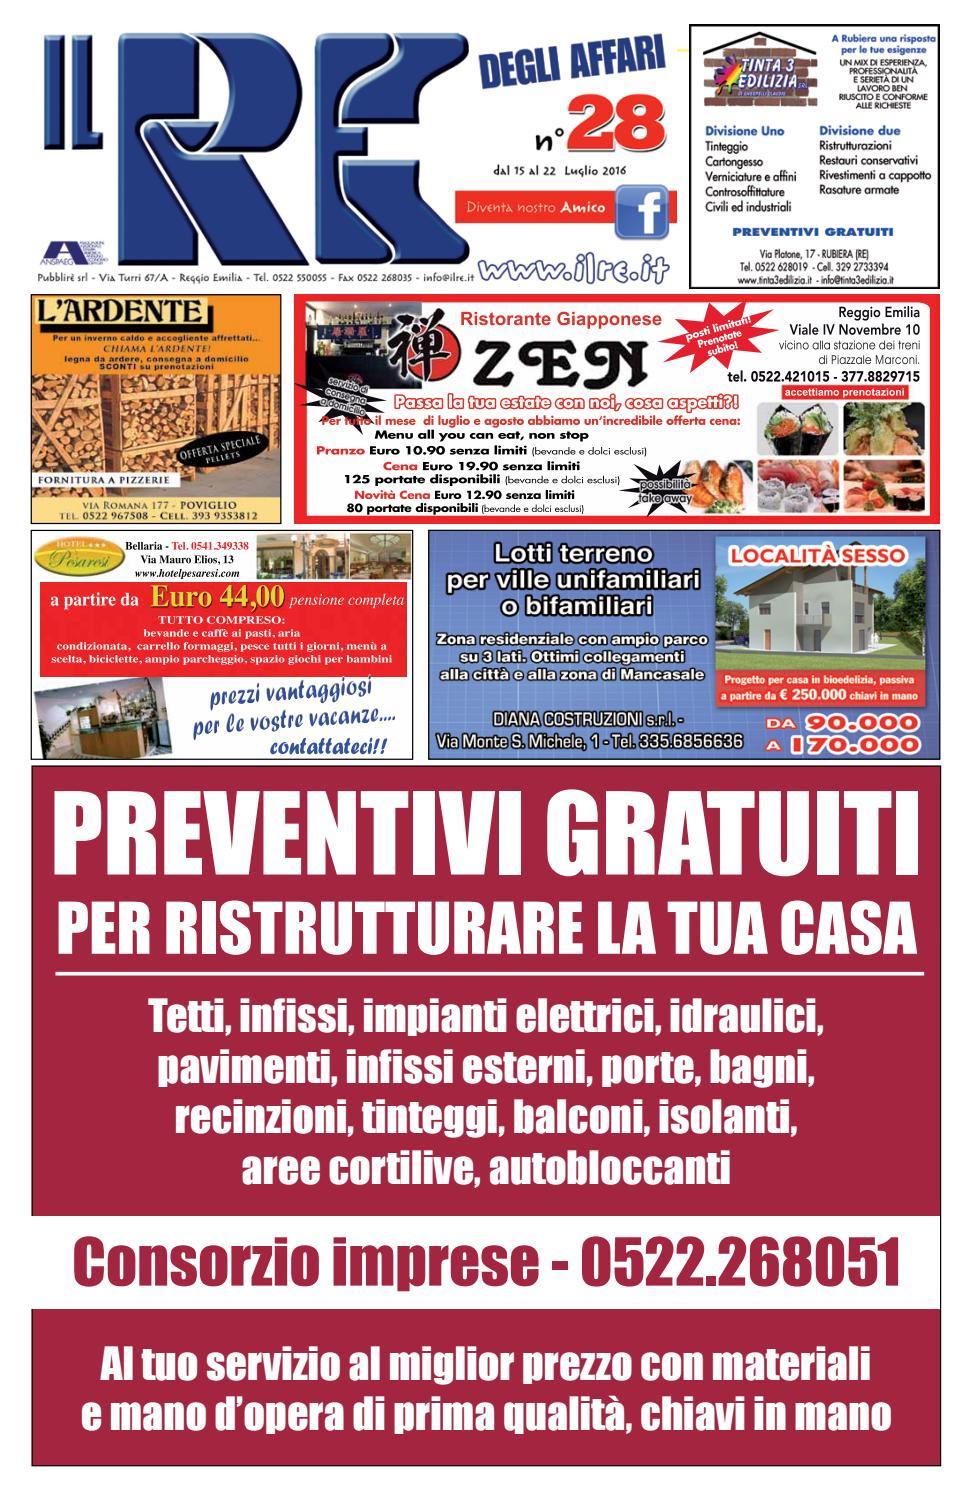 c60e0a50c4 IL RE DEGLI AFFARI NR. 28/2016 by Il Re degli Affari - issuu